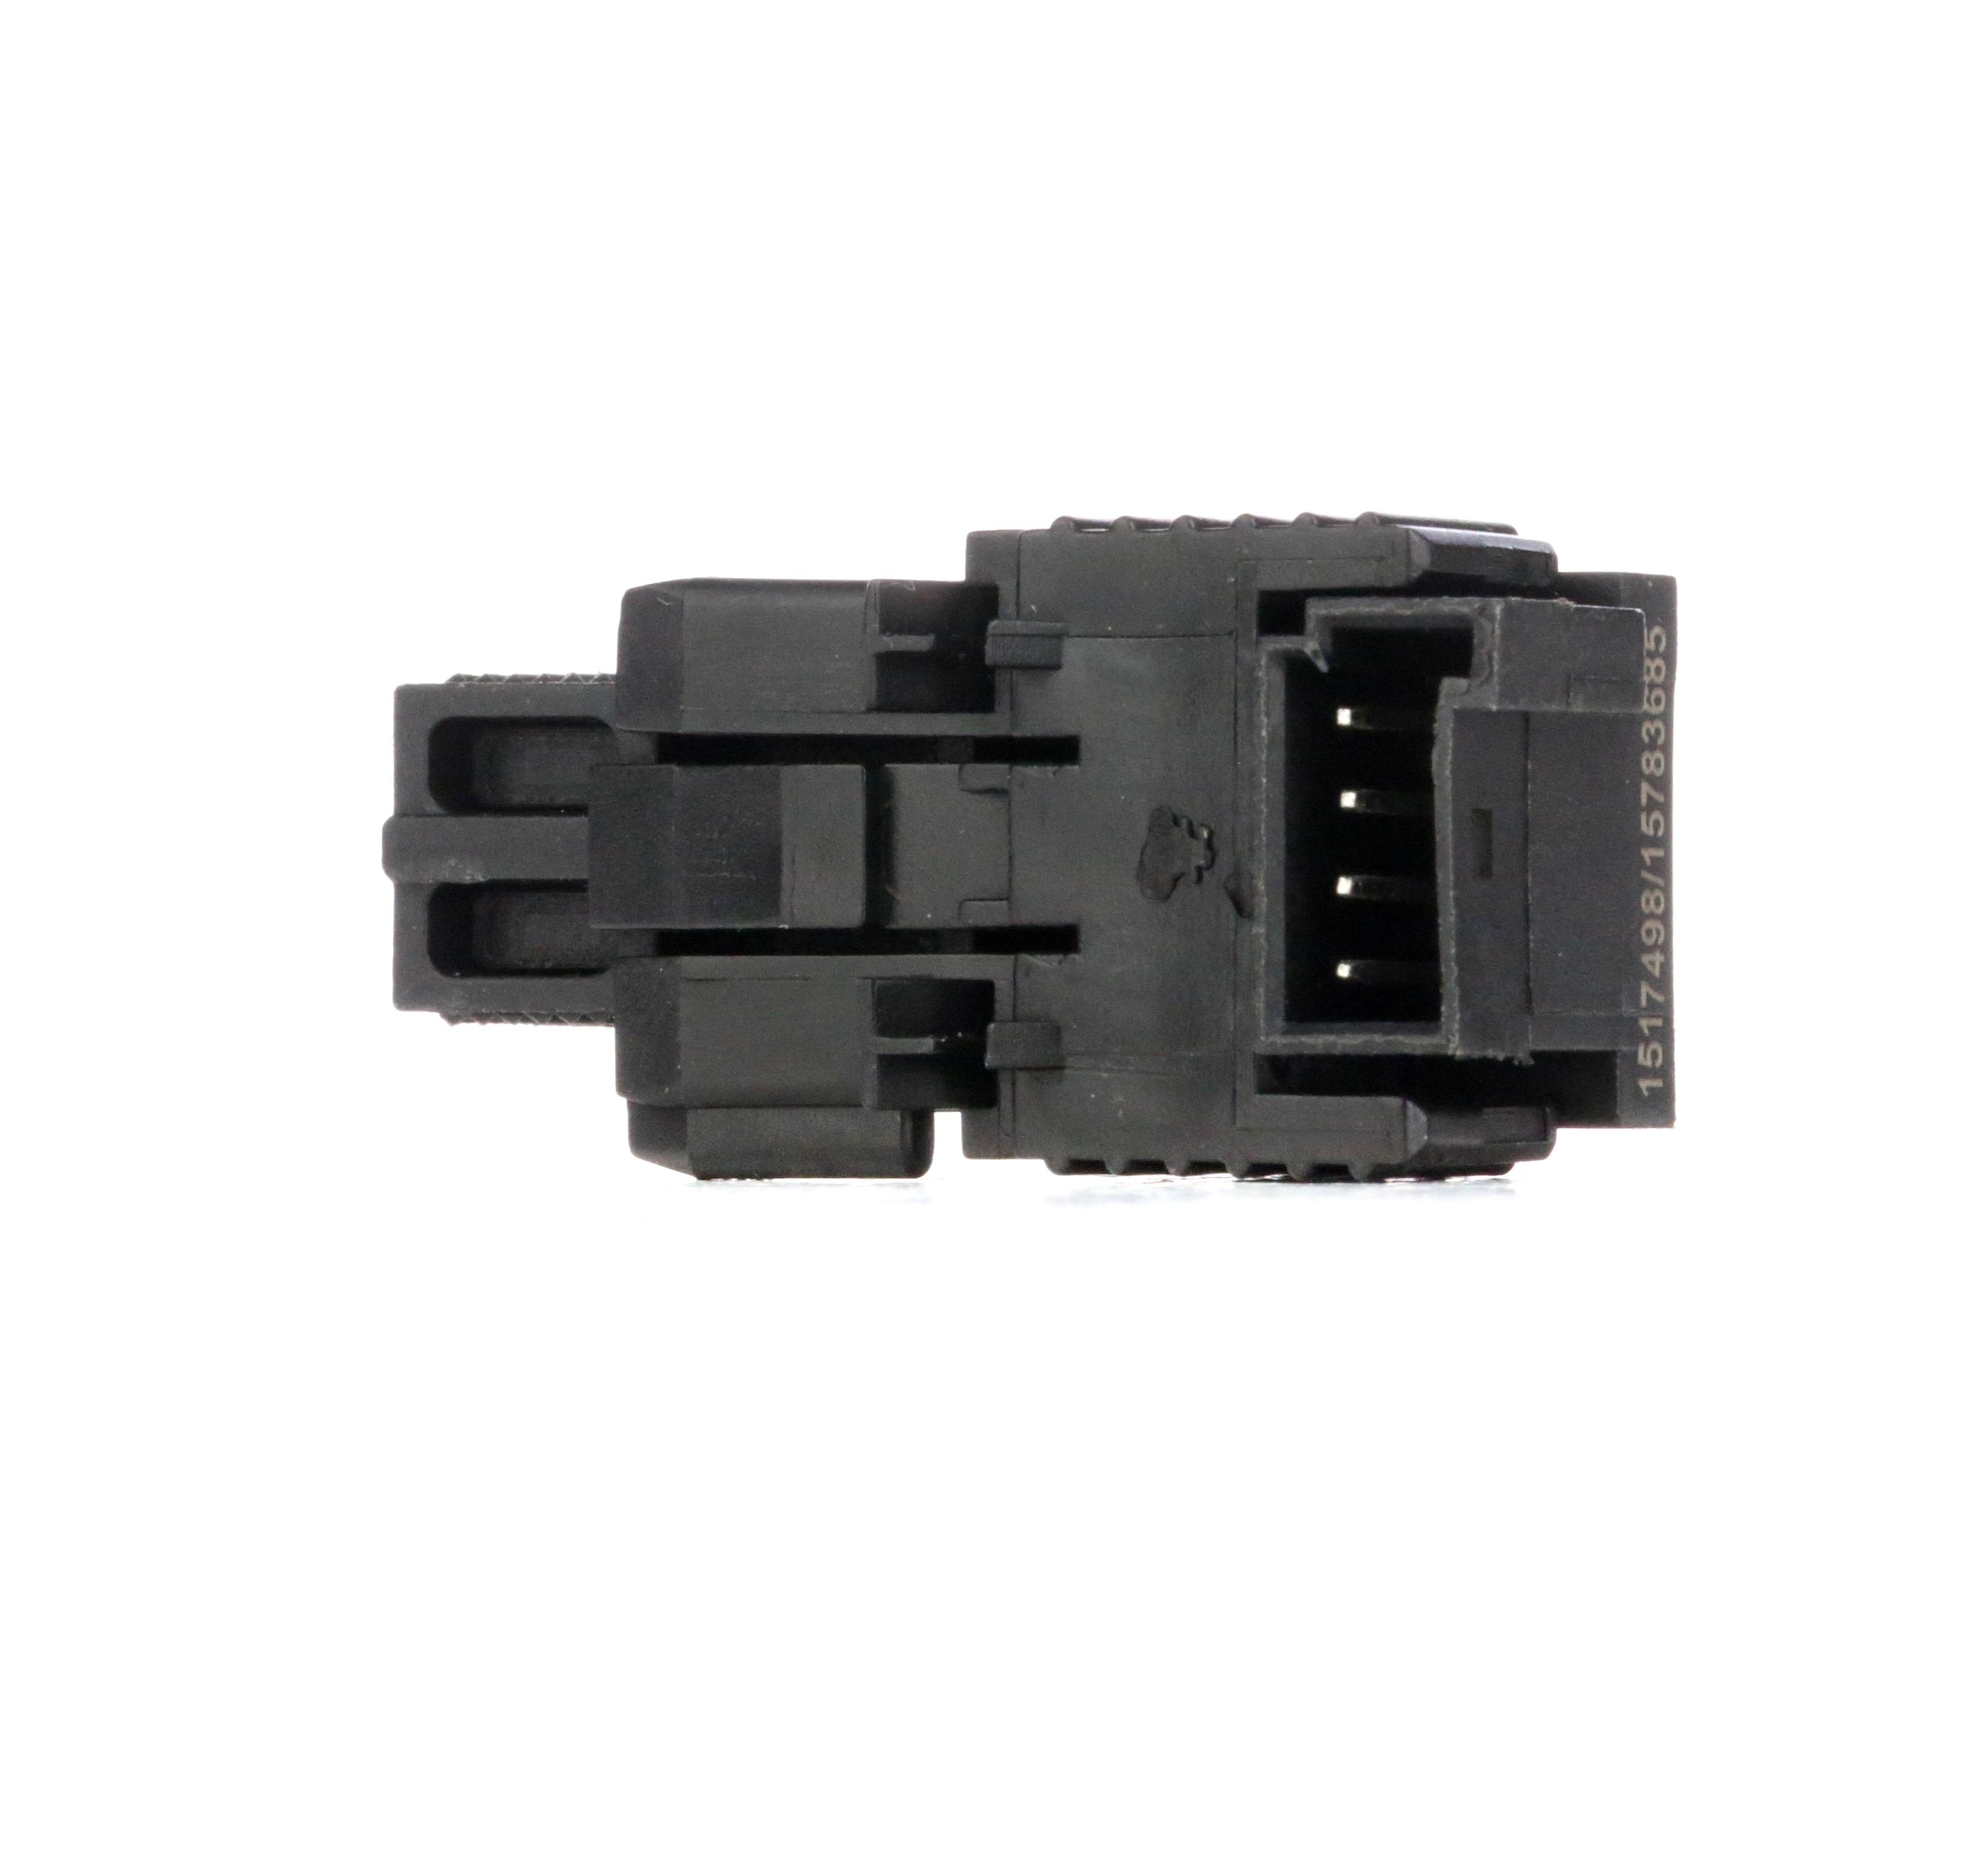 RIDEX: Original Bremspedalschalter 806B0025 (Anschlussanzahl: 4)